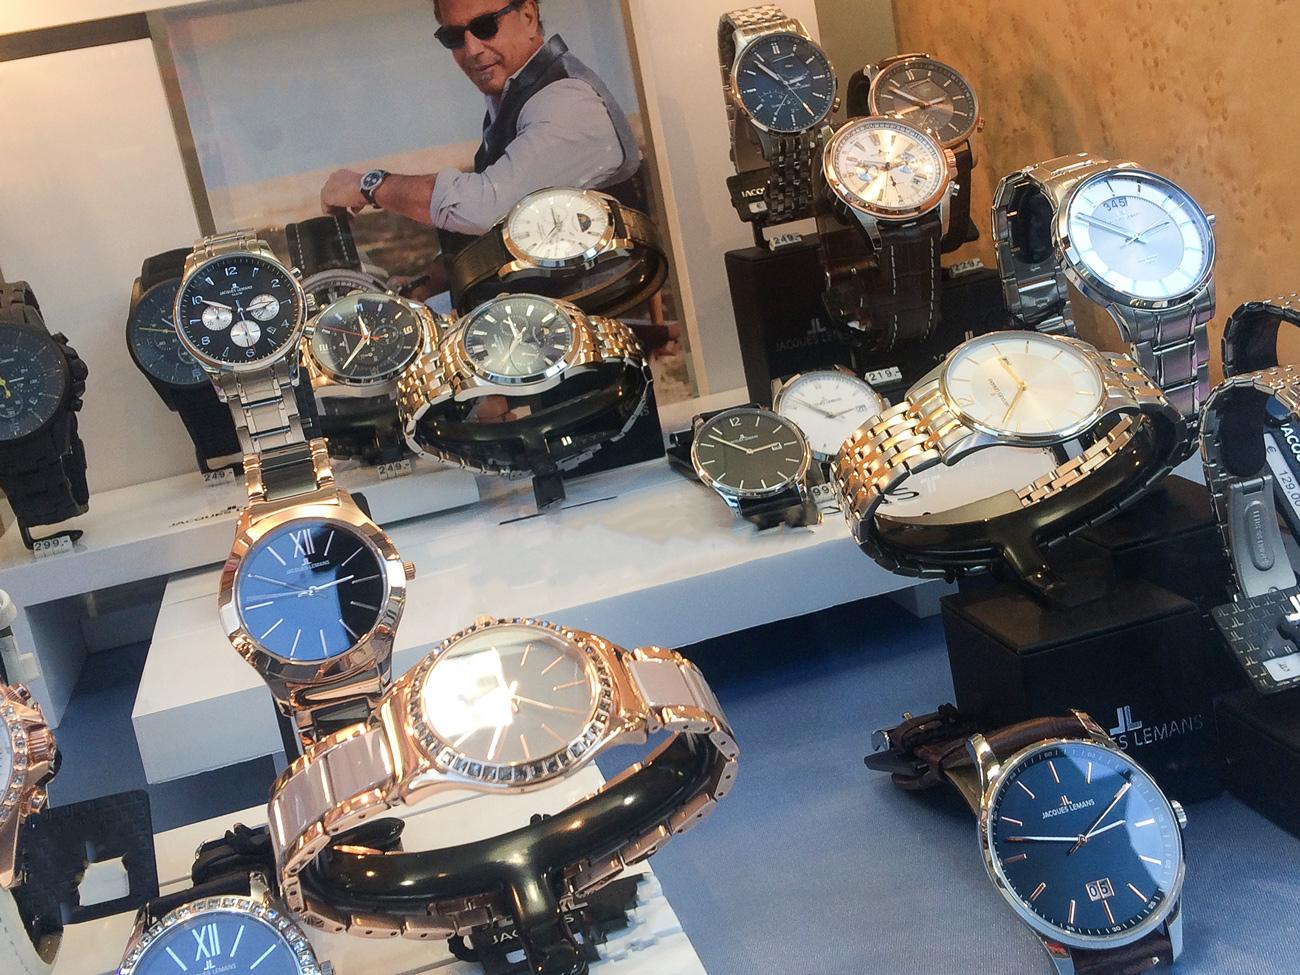 Nach Uhrendiebstahl bei Juwelier: 54-jähriger in Haft